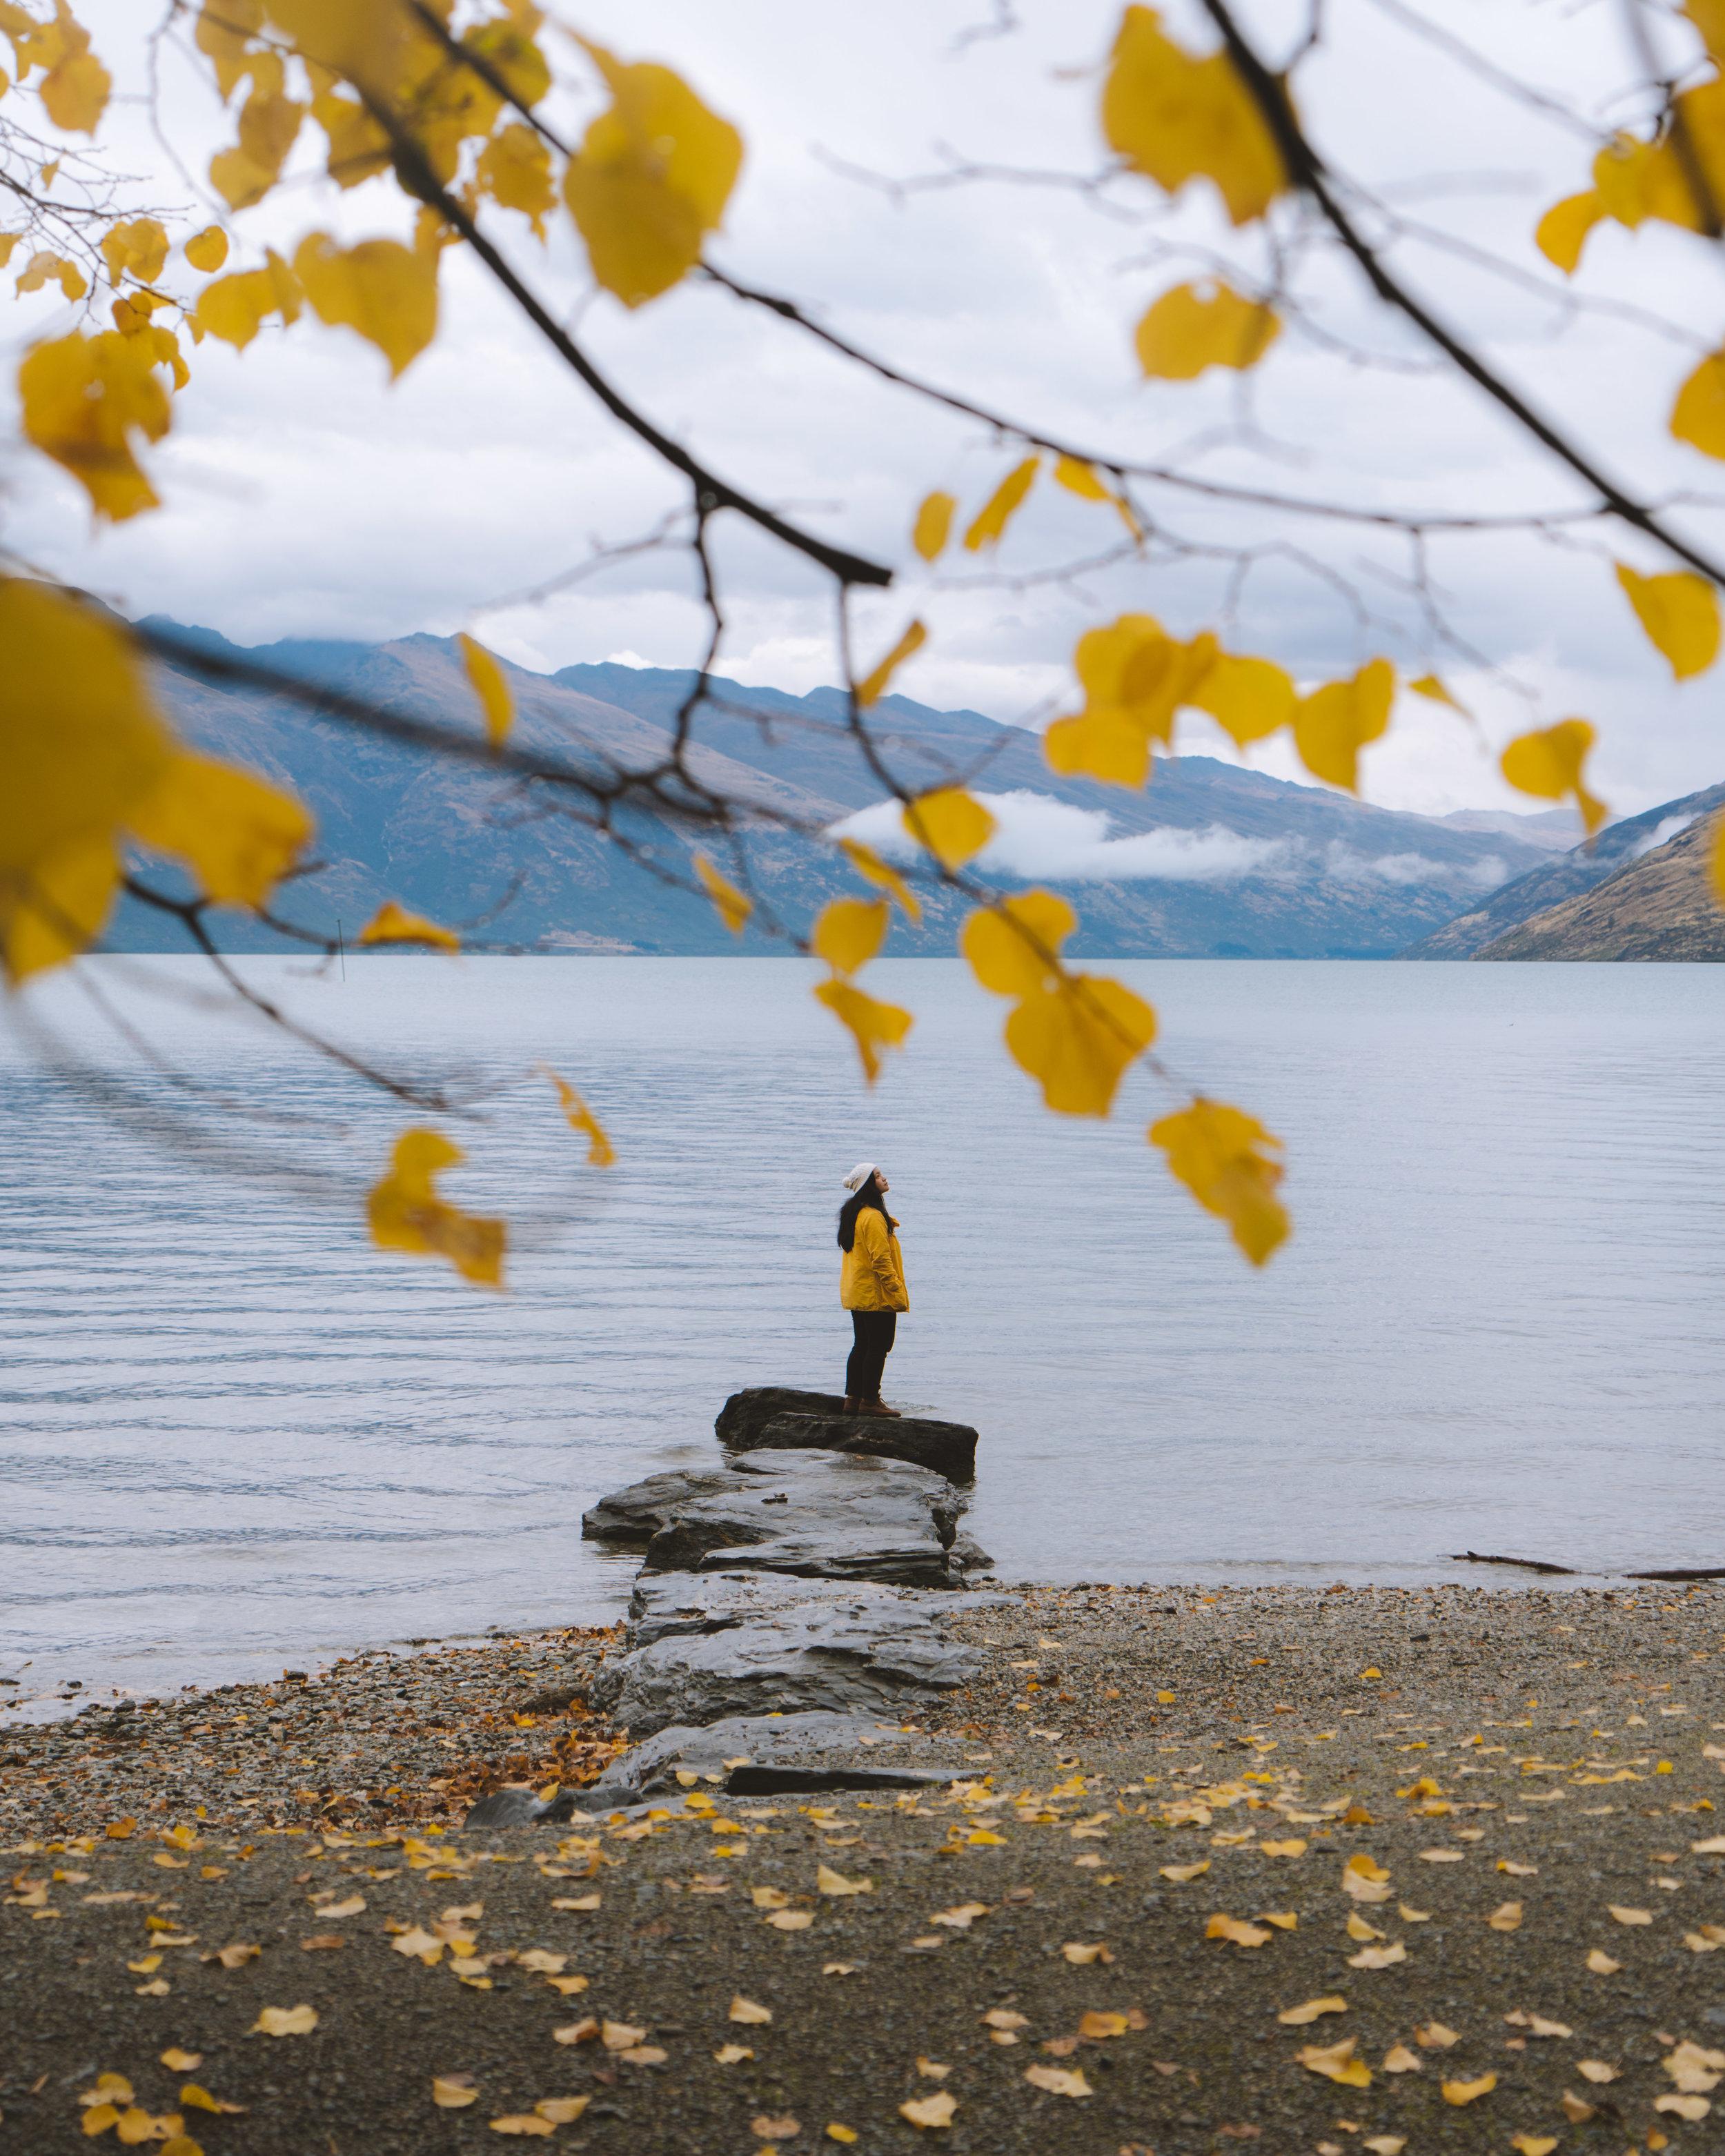 MV_Autumn_04.jpg